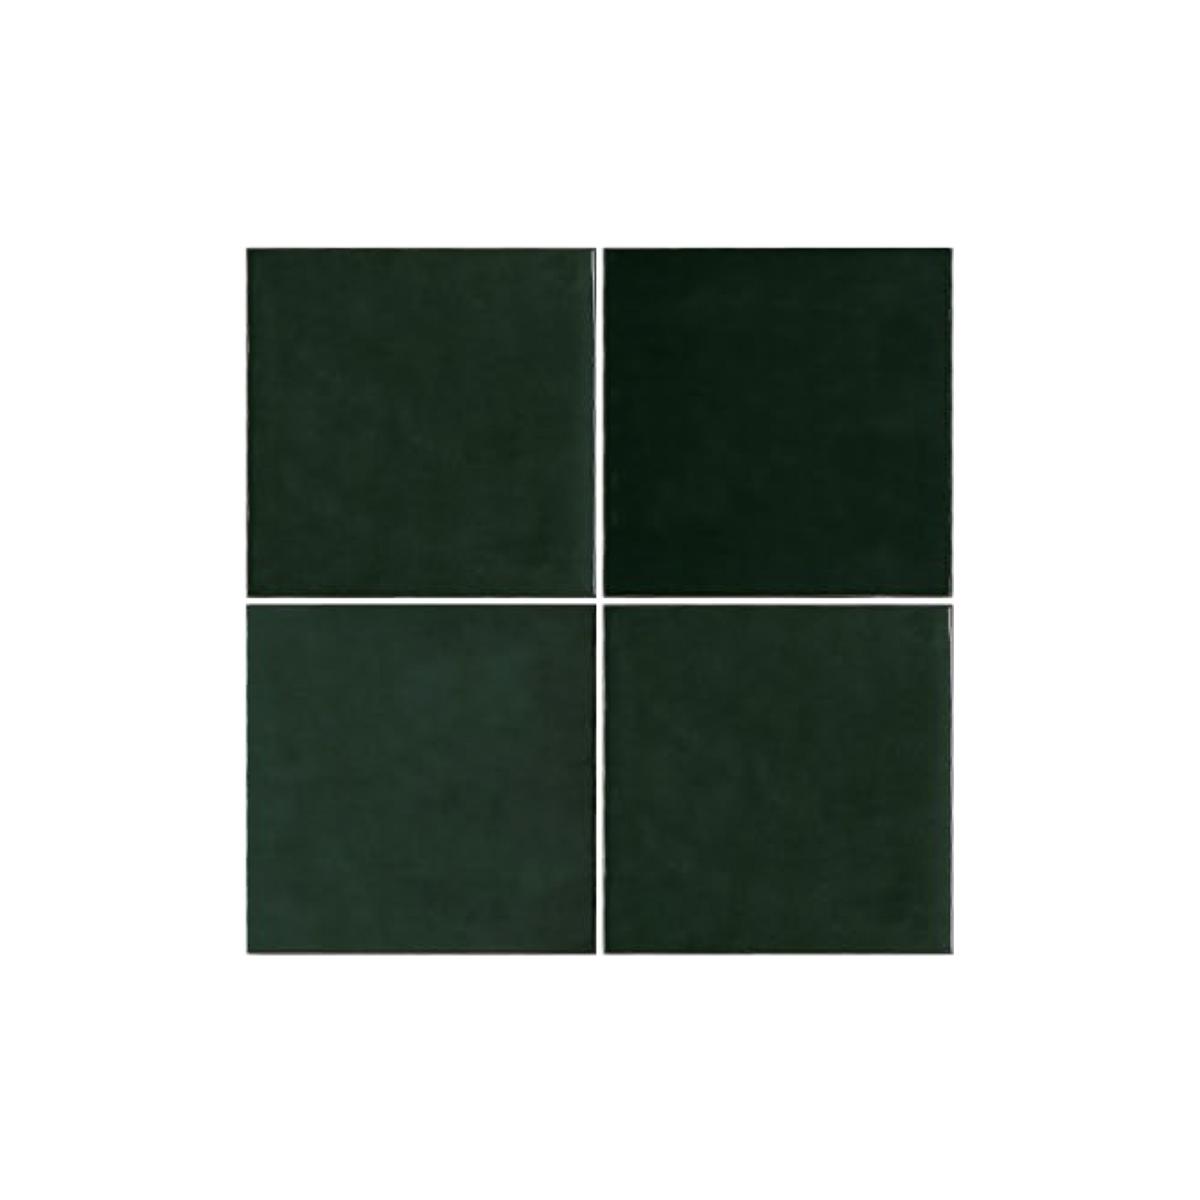 Casablanca - Bottle Green - Square Feature Tiles - 120x120mm